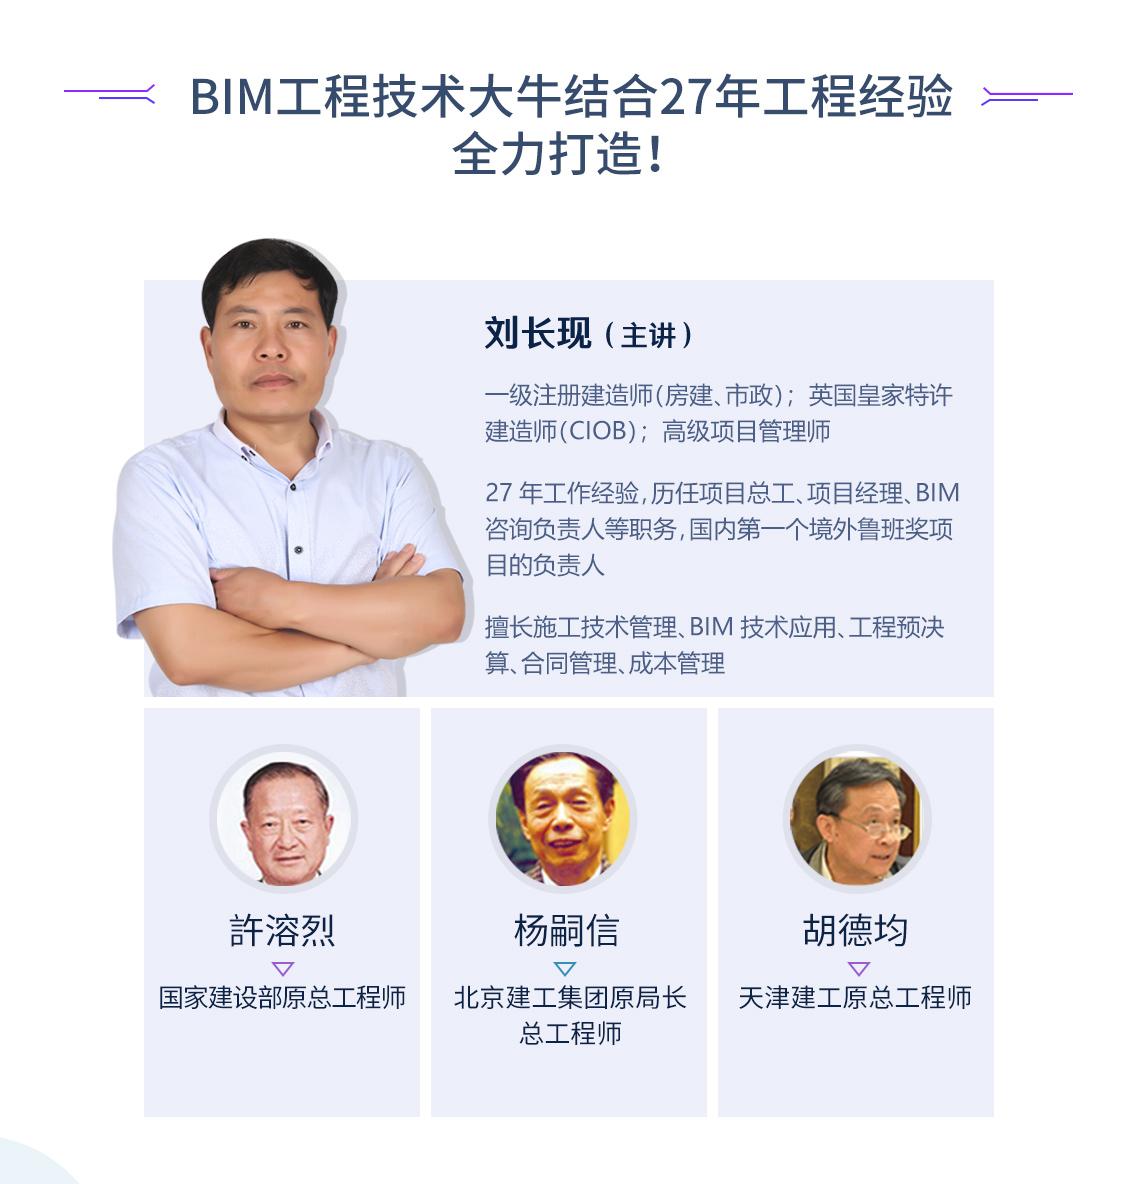 土建BIM实战训练营讲师为特聘:27年工程经验总工,擅长施工技术重点、施工管理、工程造价、BIM施工应用等,我们比你更挑剔老师。